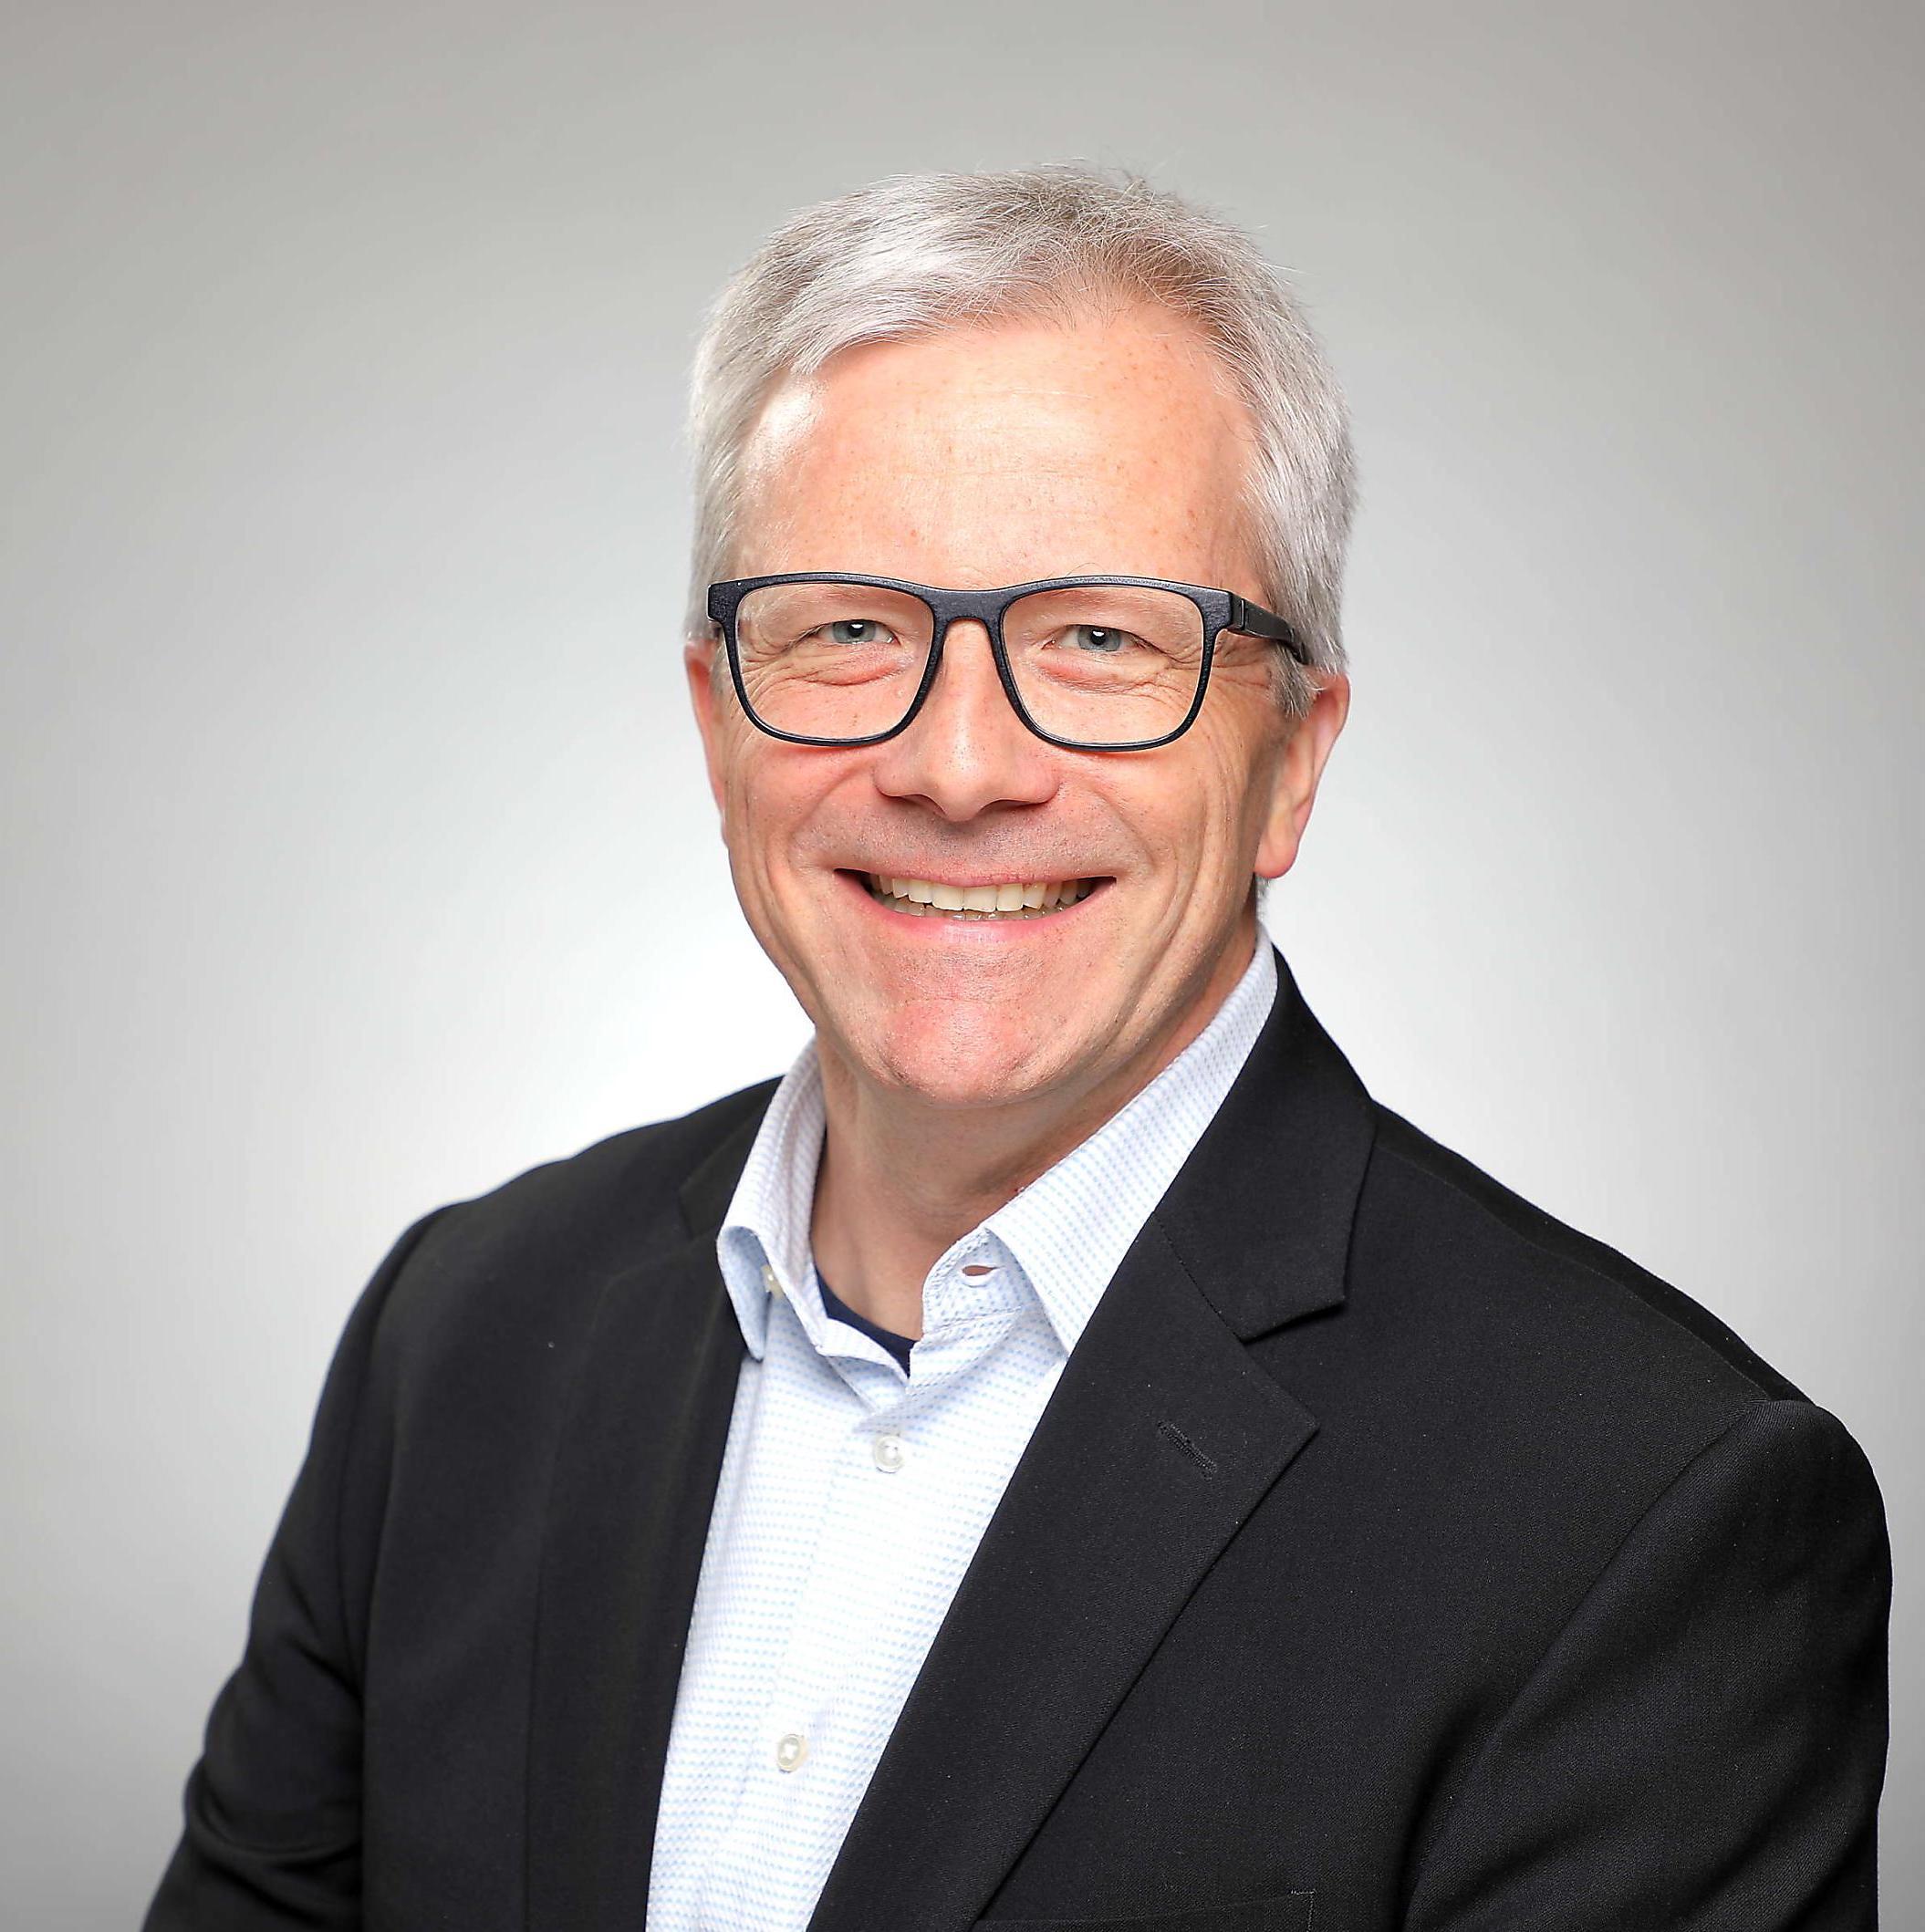 Andreas Scheidegger